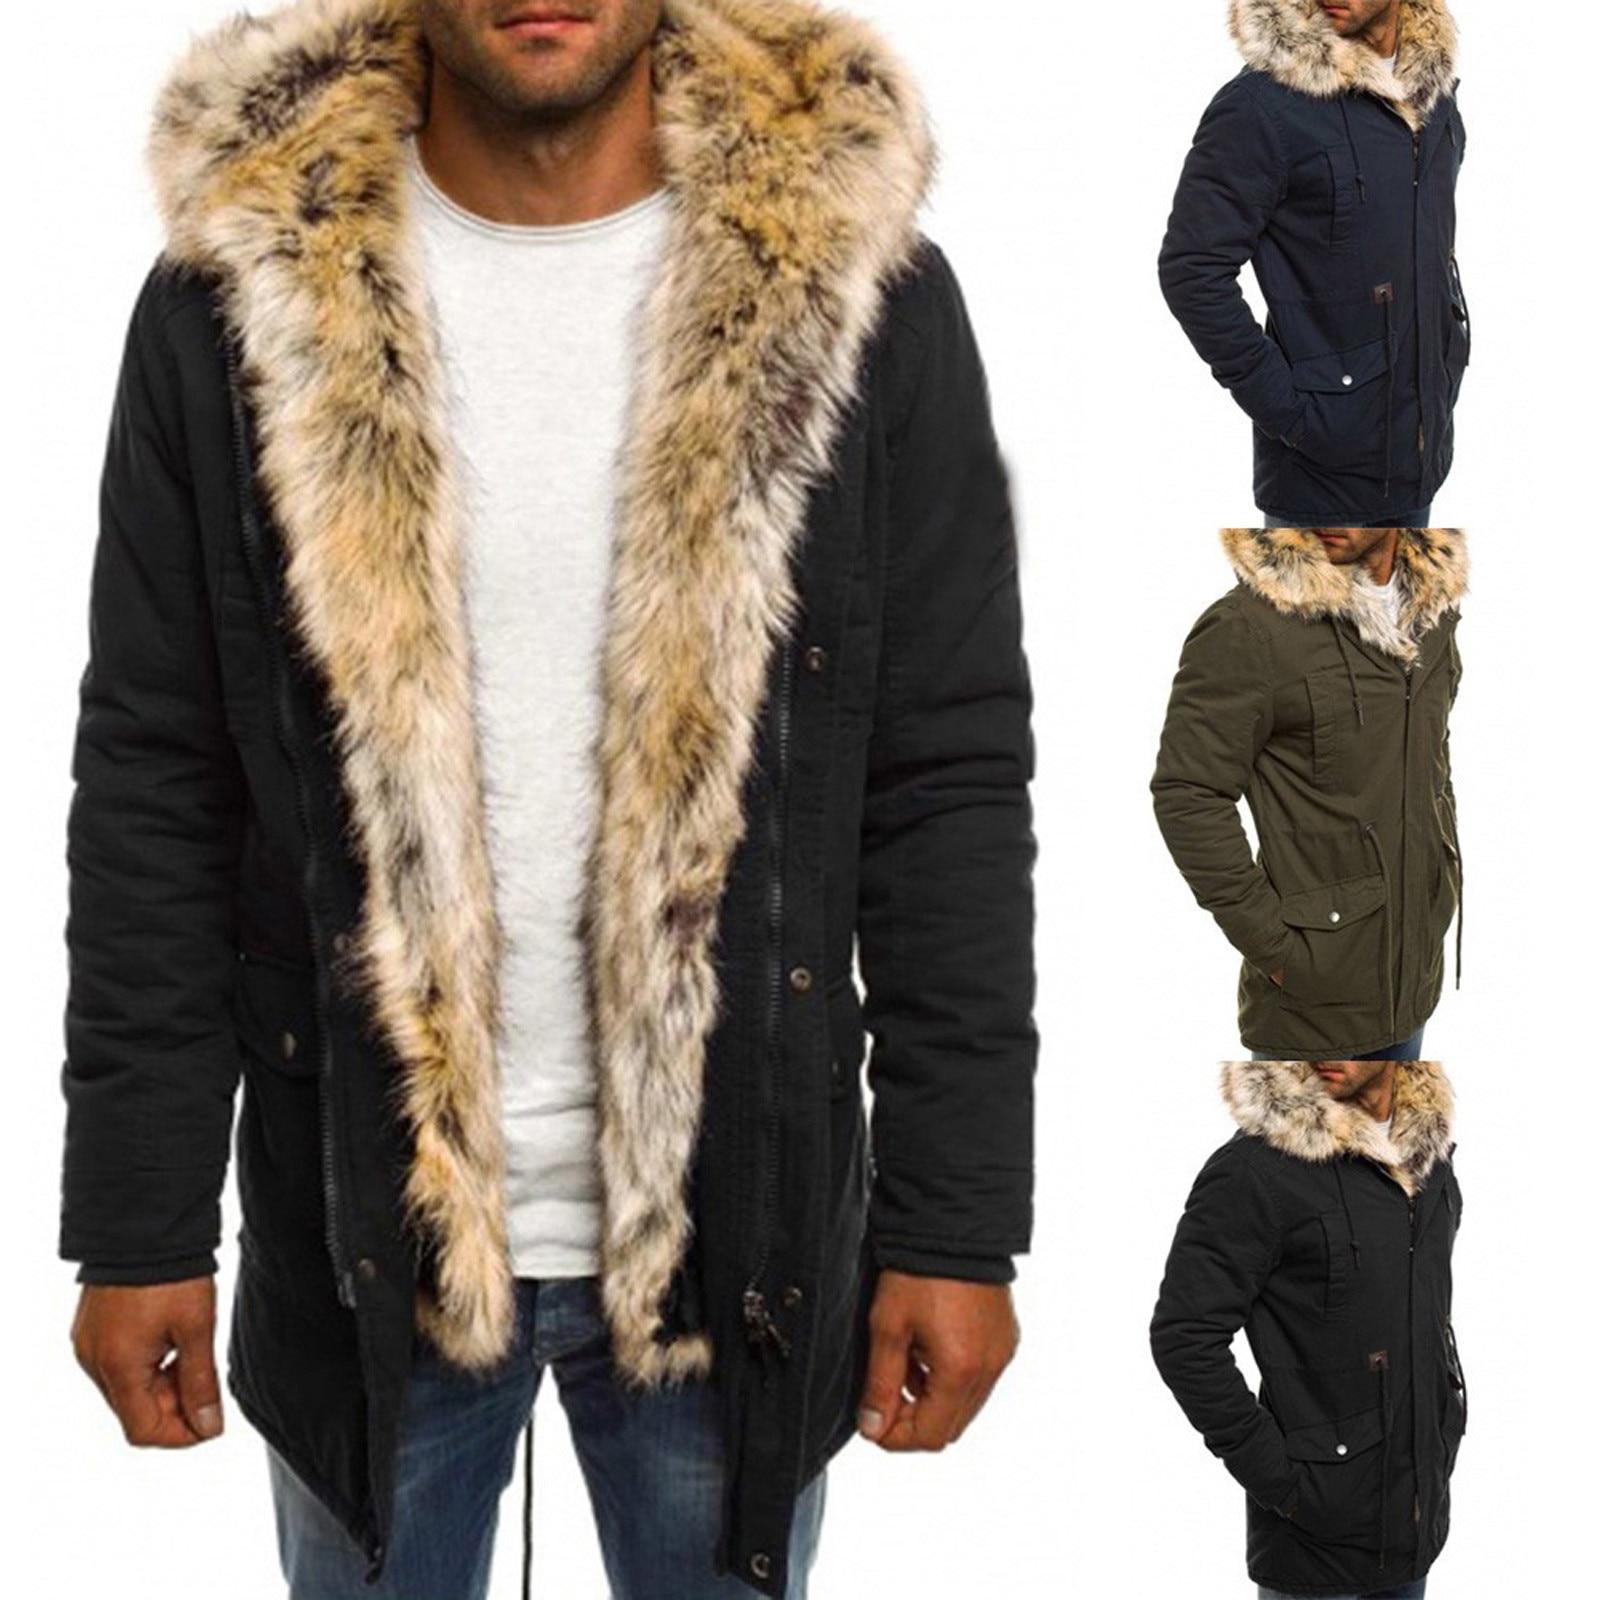 Новинка 2020, Мужская зимняя стильная модная ветрозащитная хлопковая куртка с меховым воротником, на молнии, с длинным рукавом, теплая куртка, парка, верхняя одежда 5